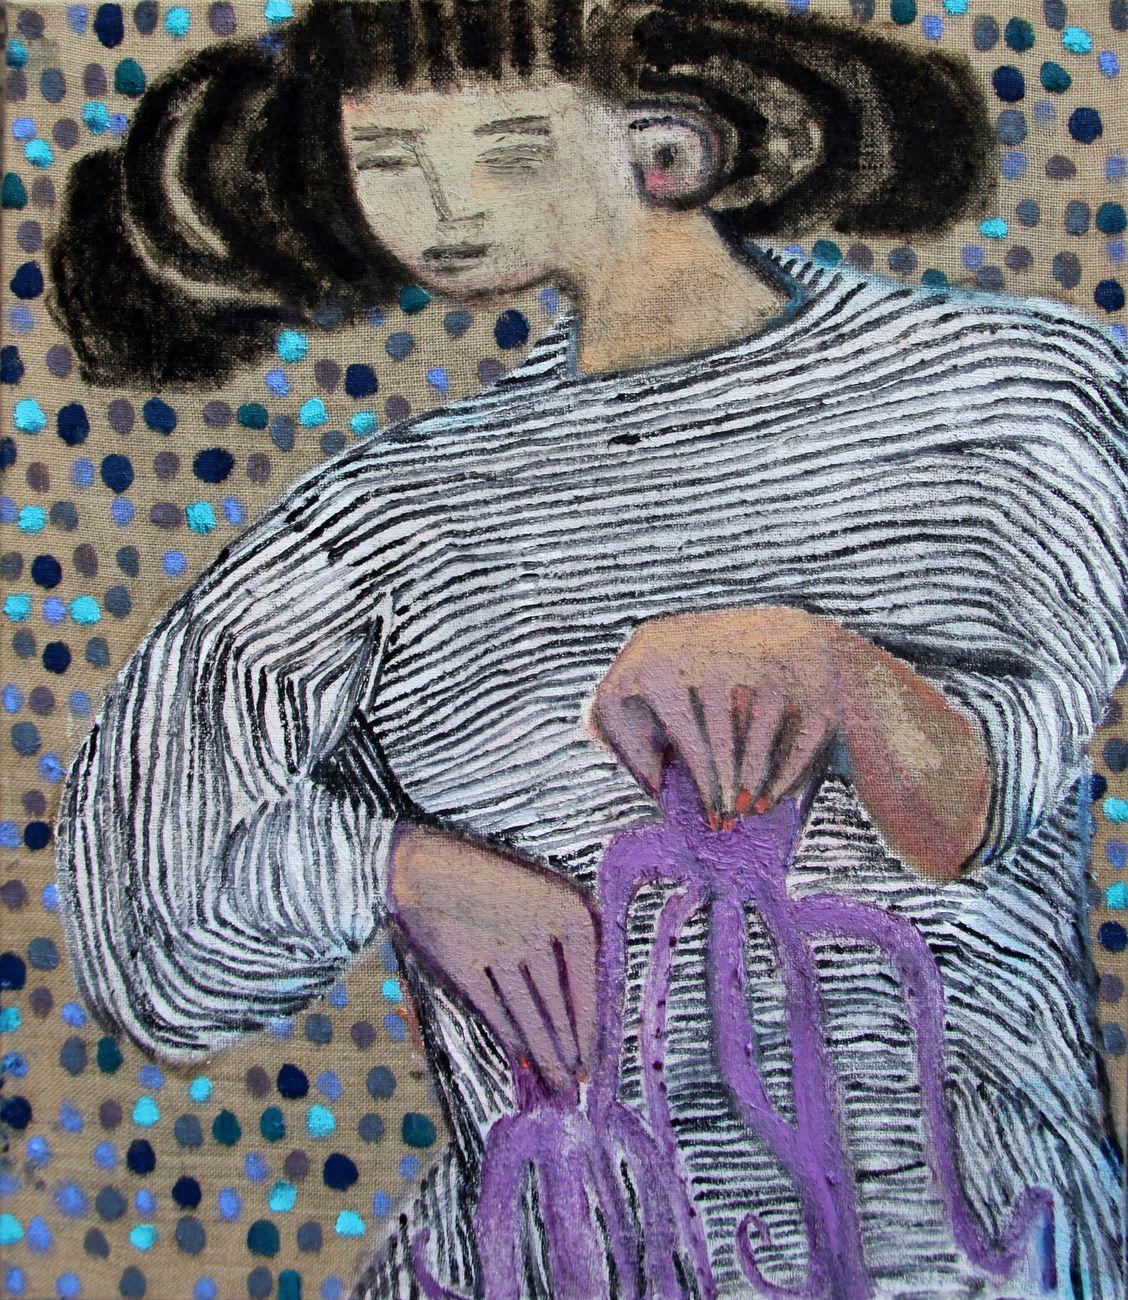 Cristina Fiorenza, Octopus Hunter, 2019, Courtesy Cristina Fiorenza